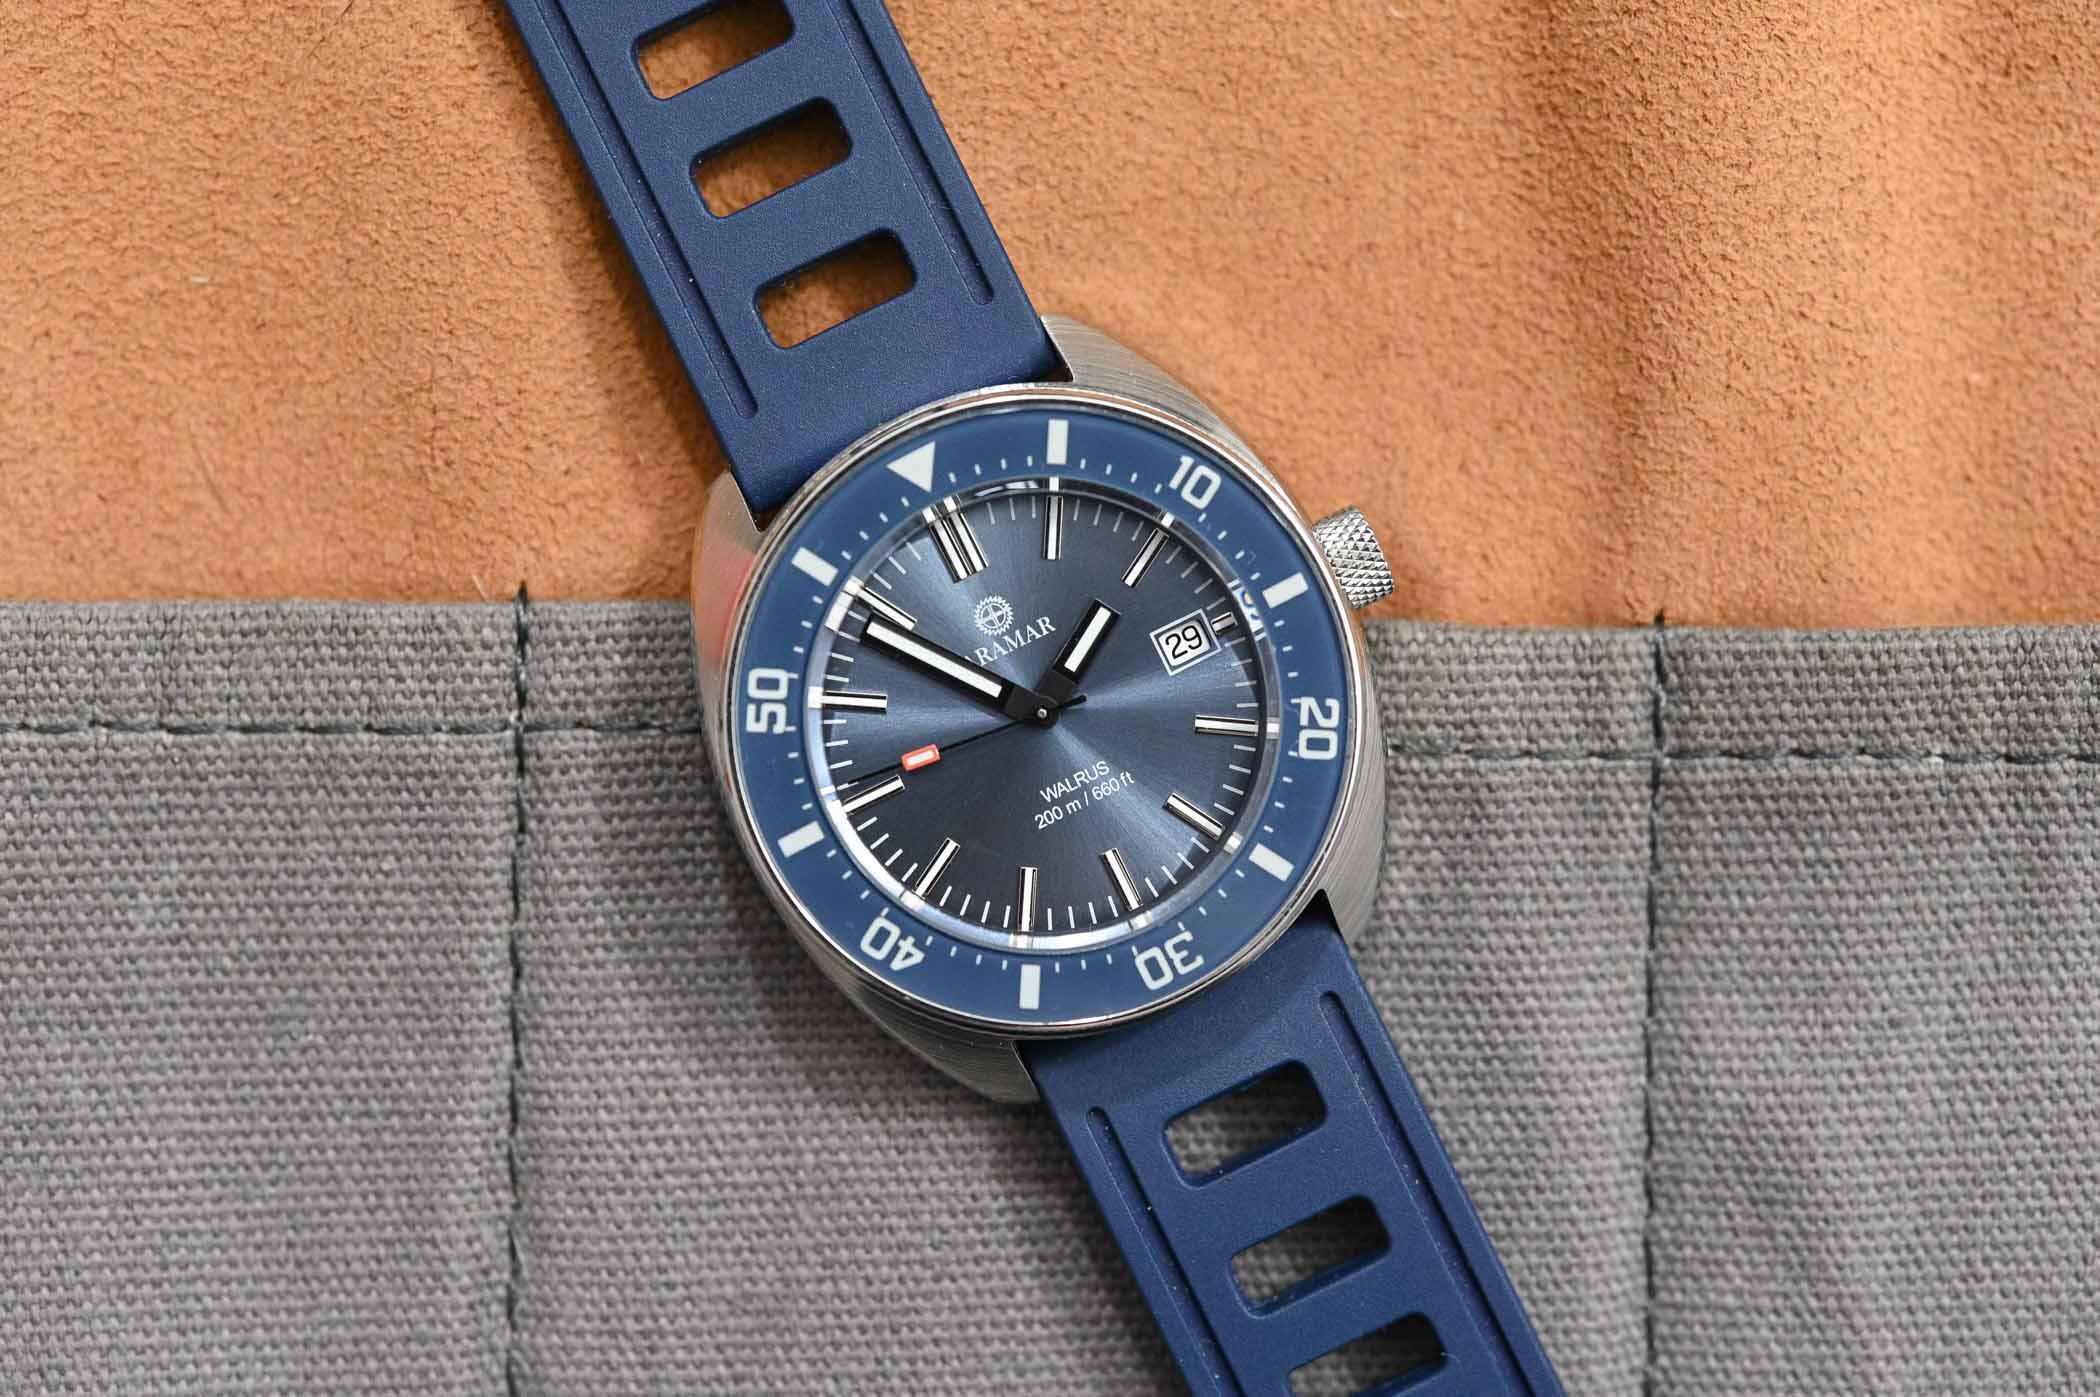 Aramar Walrus, Dutch 1970S Dive Watch On Kickstarter